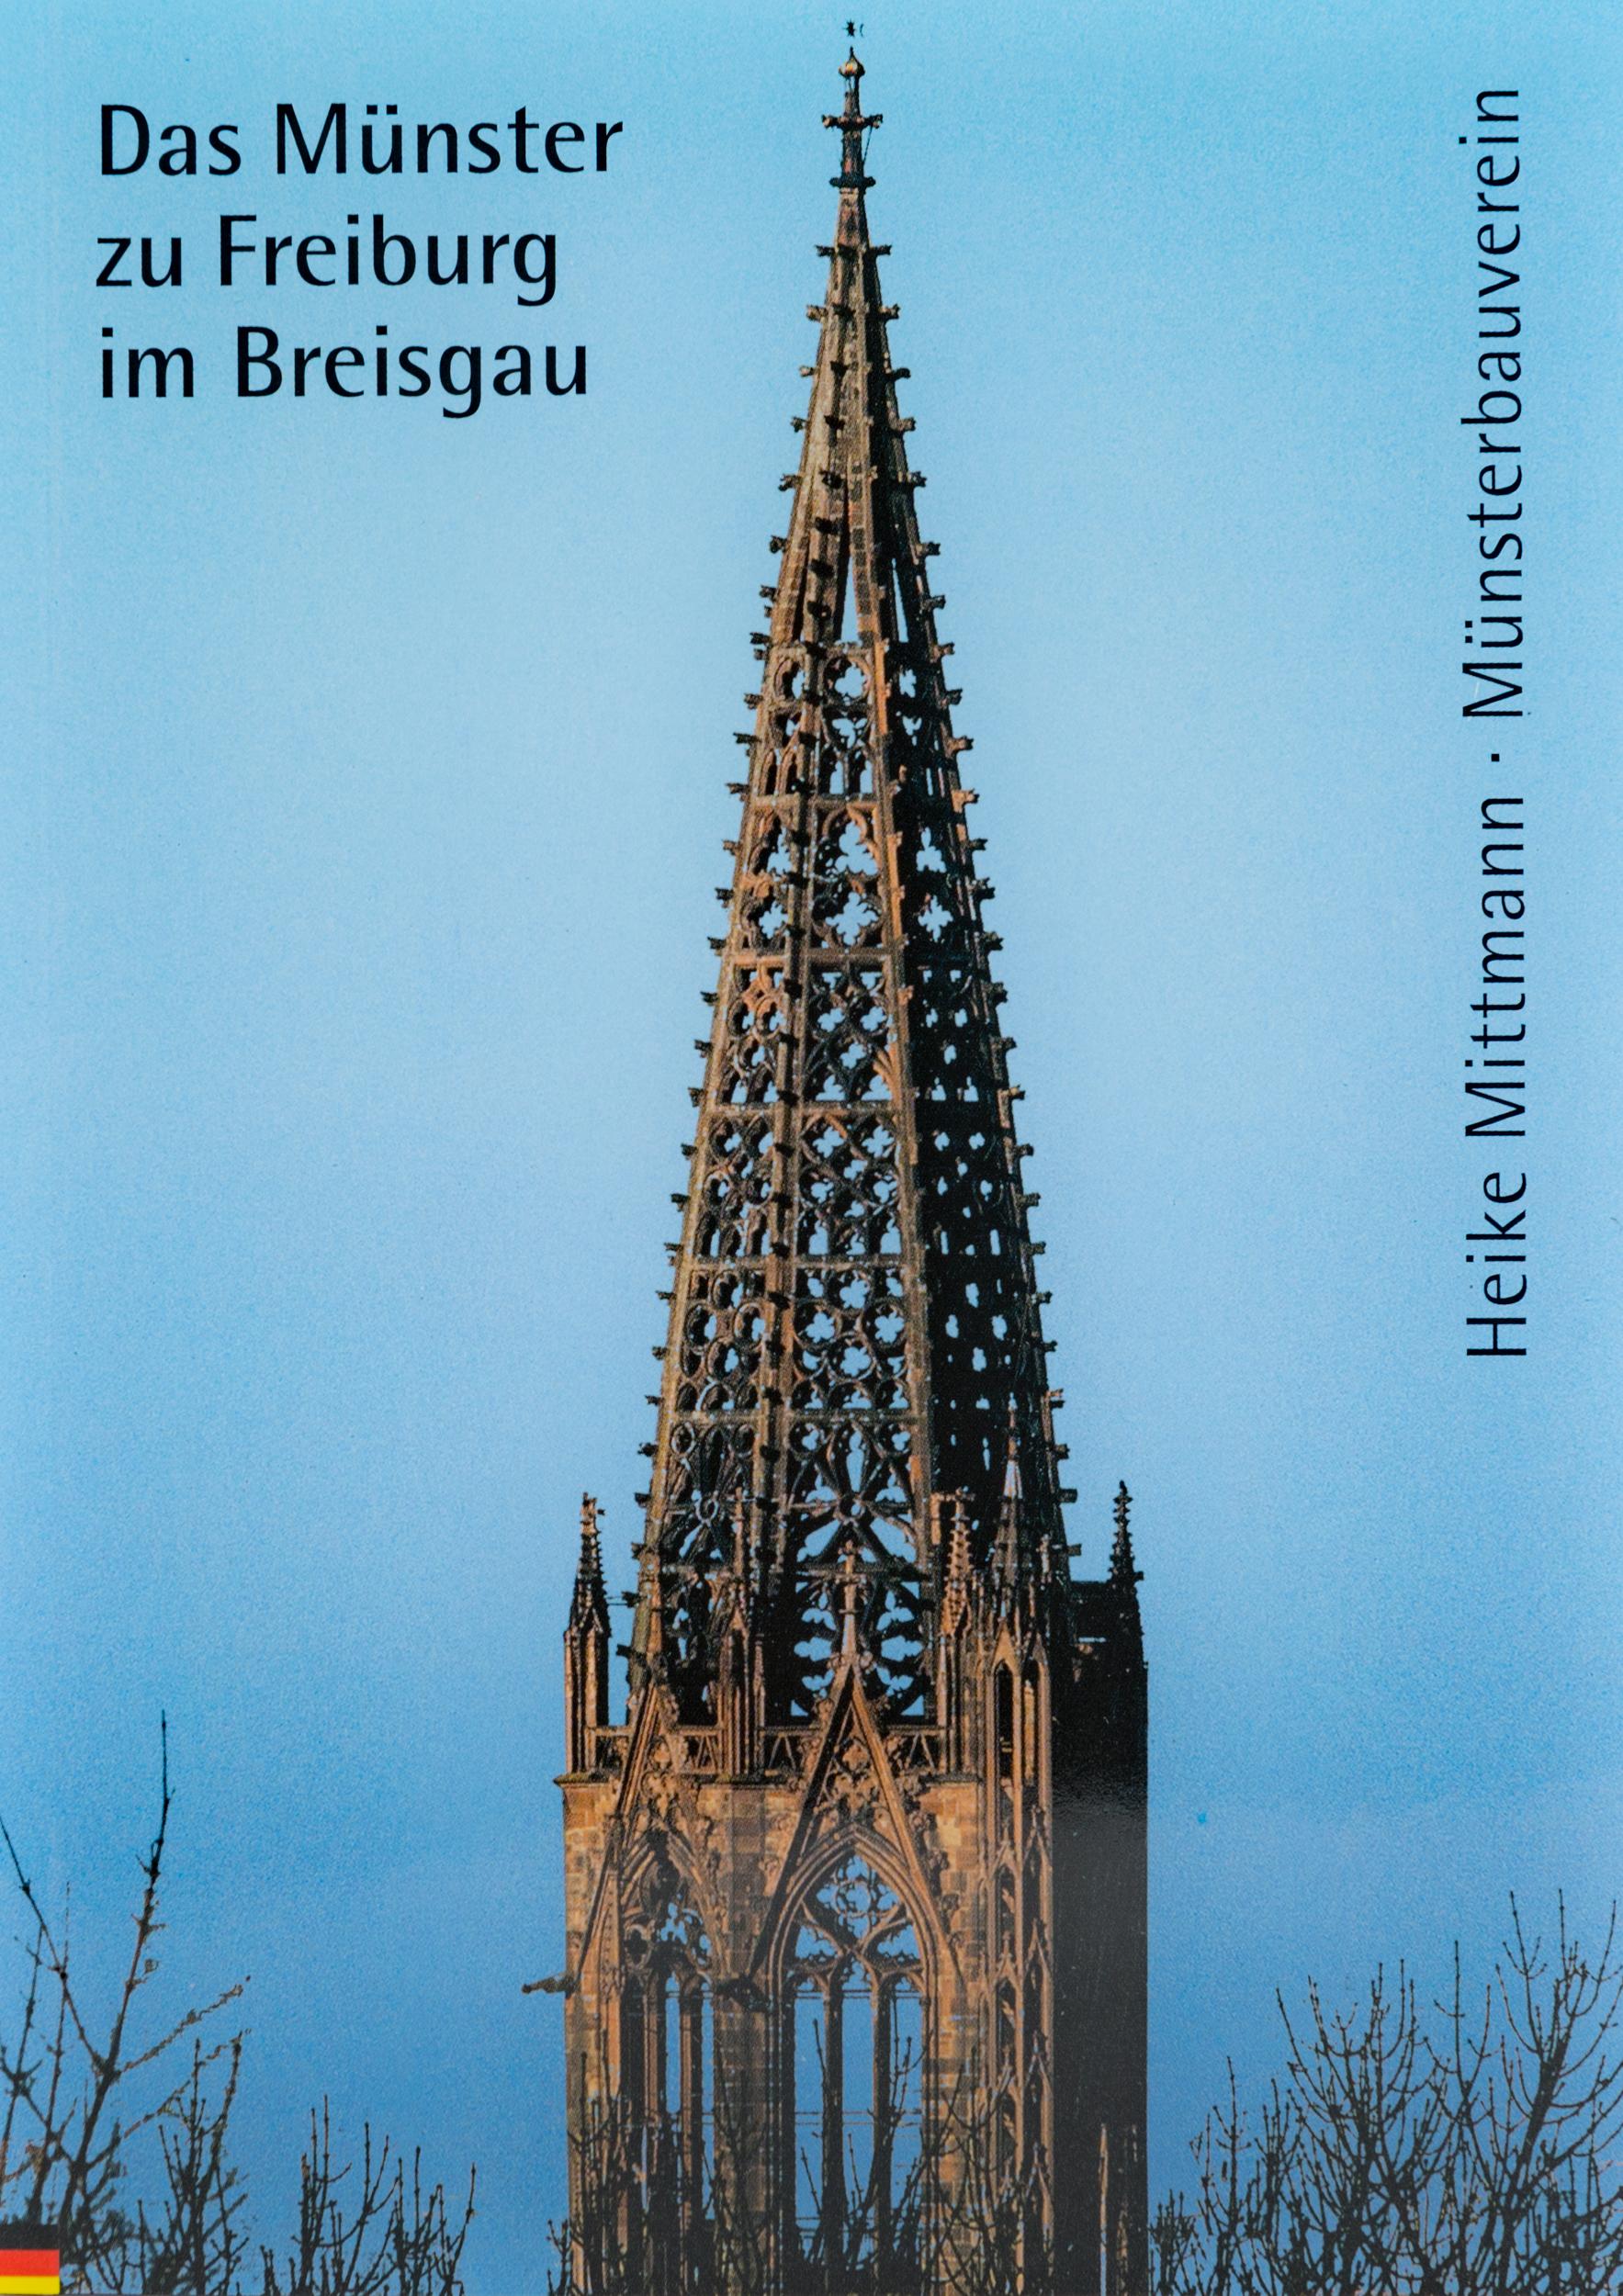 Münsterladen Freiburg Buch Geschenk Das Münster zu Freiburg deutsch